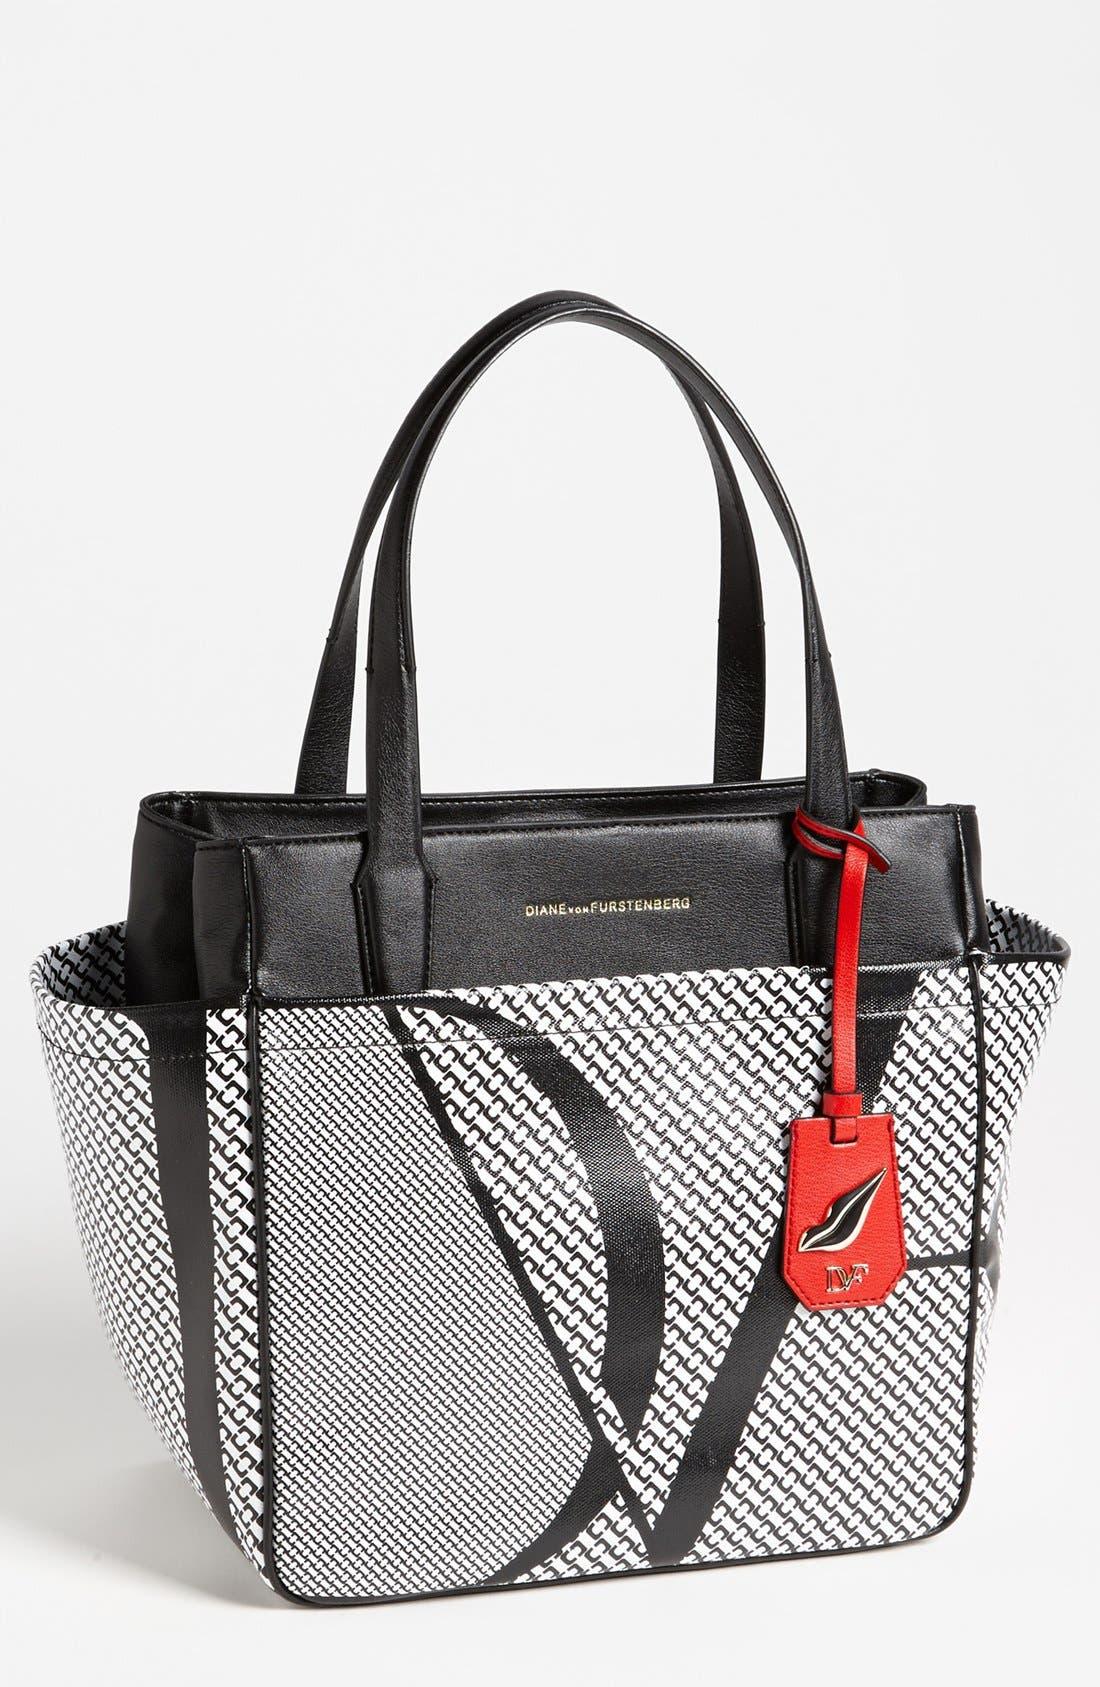 Main Image - Diane von Furstenberg 'On the Go' Shoulder Bag